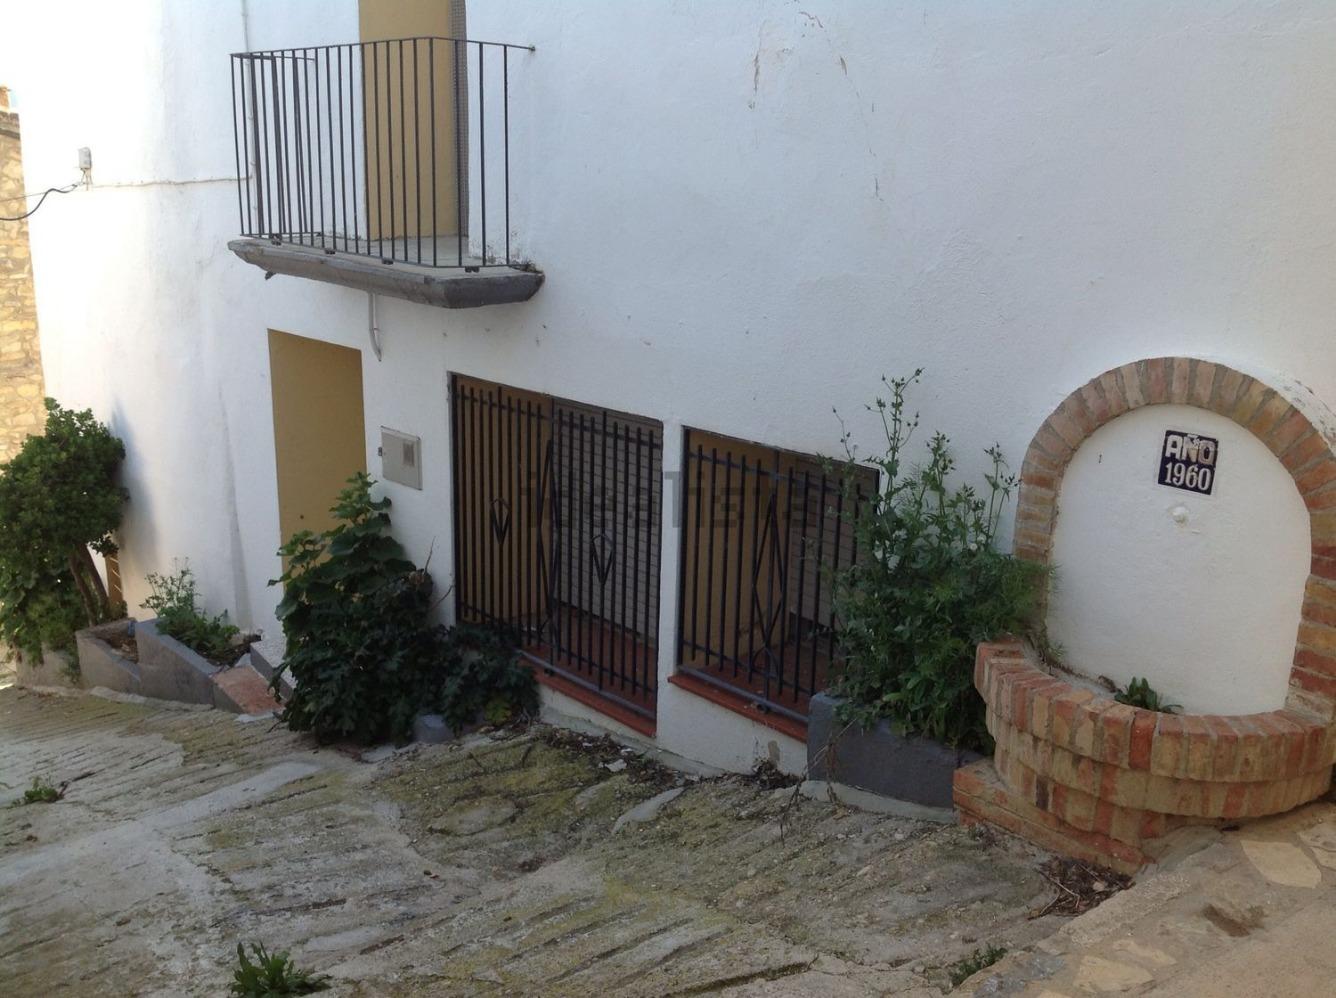 Pis  Els ports - Zorita del Maestrazgo. Tu vivienda en planta baja en el maestrazgo, zorita